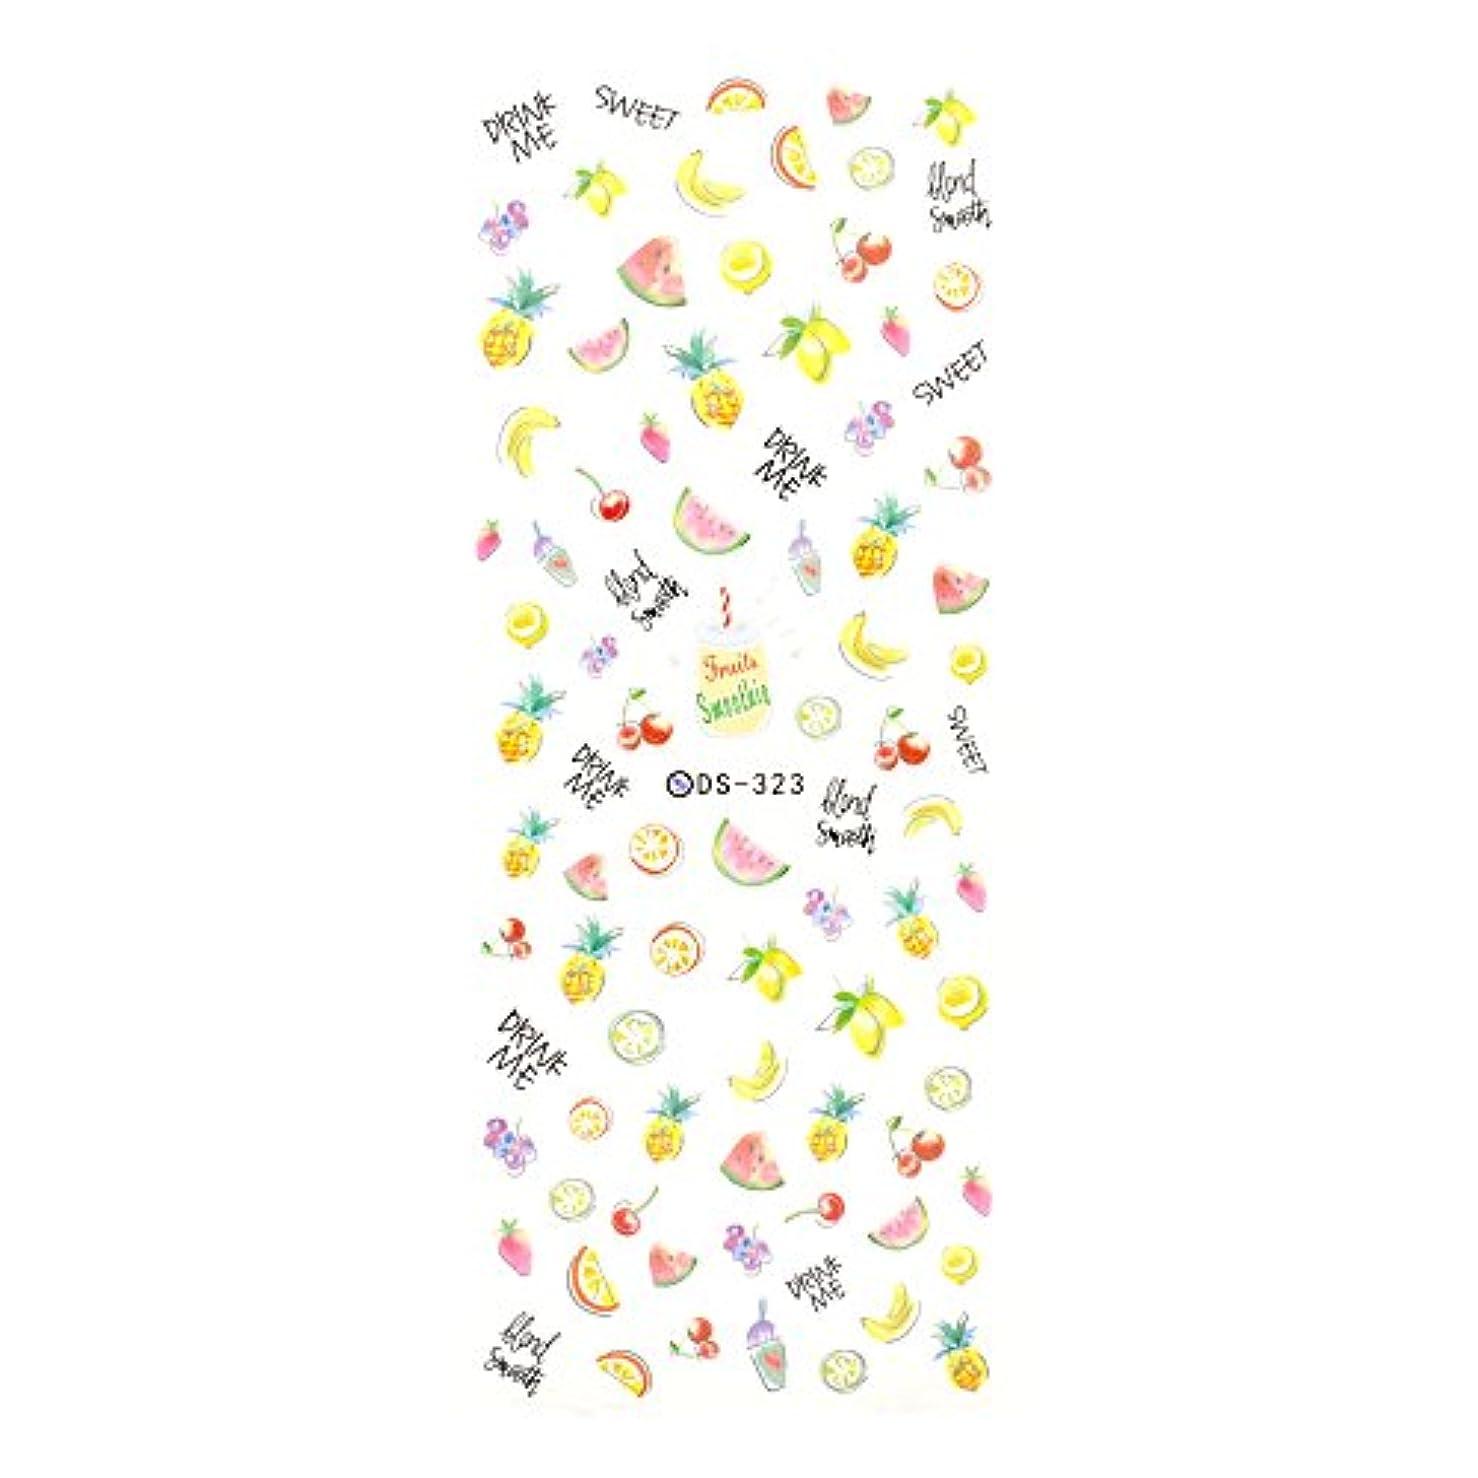 いつか盆地雨ミックス フルーツ ネイルシール【DS323】 ウォーターネイルシール イチゴ すいか バナナ キウイ 英文字 ステッカー